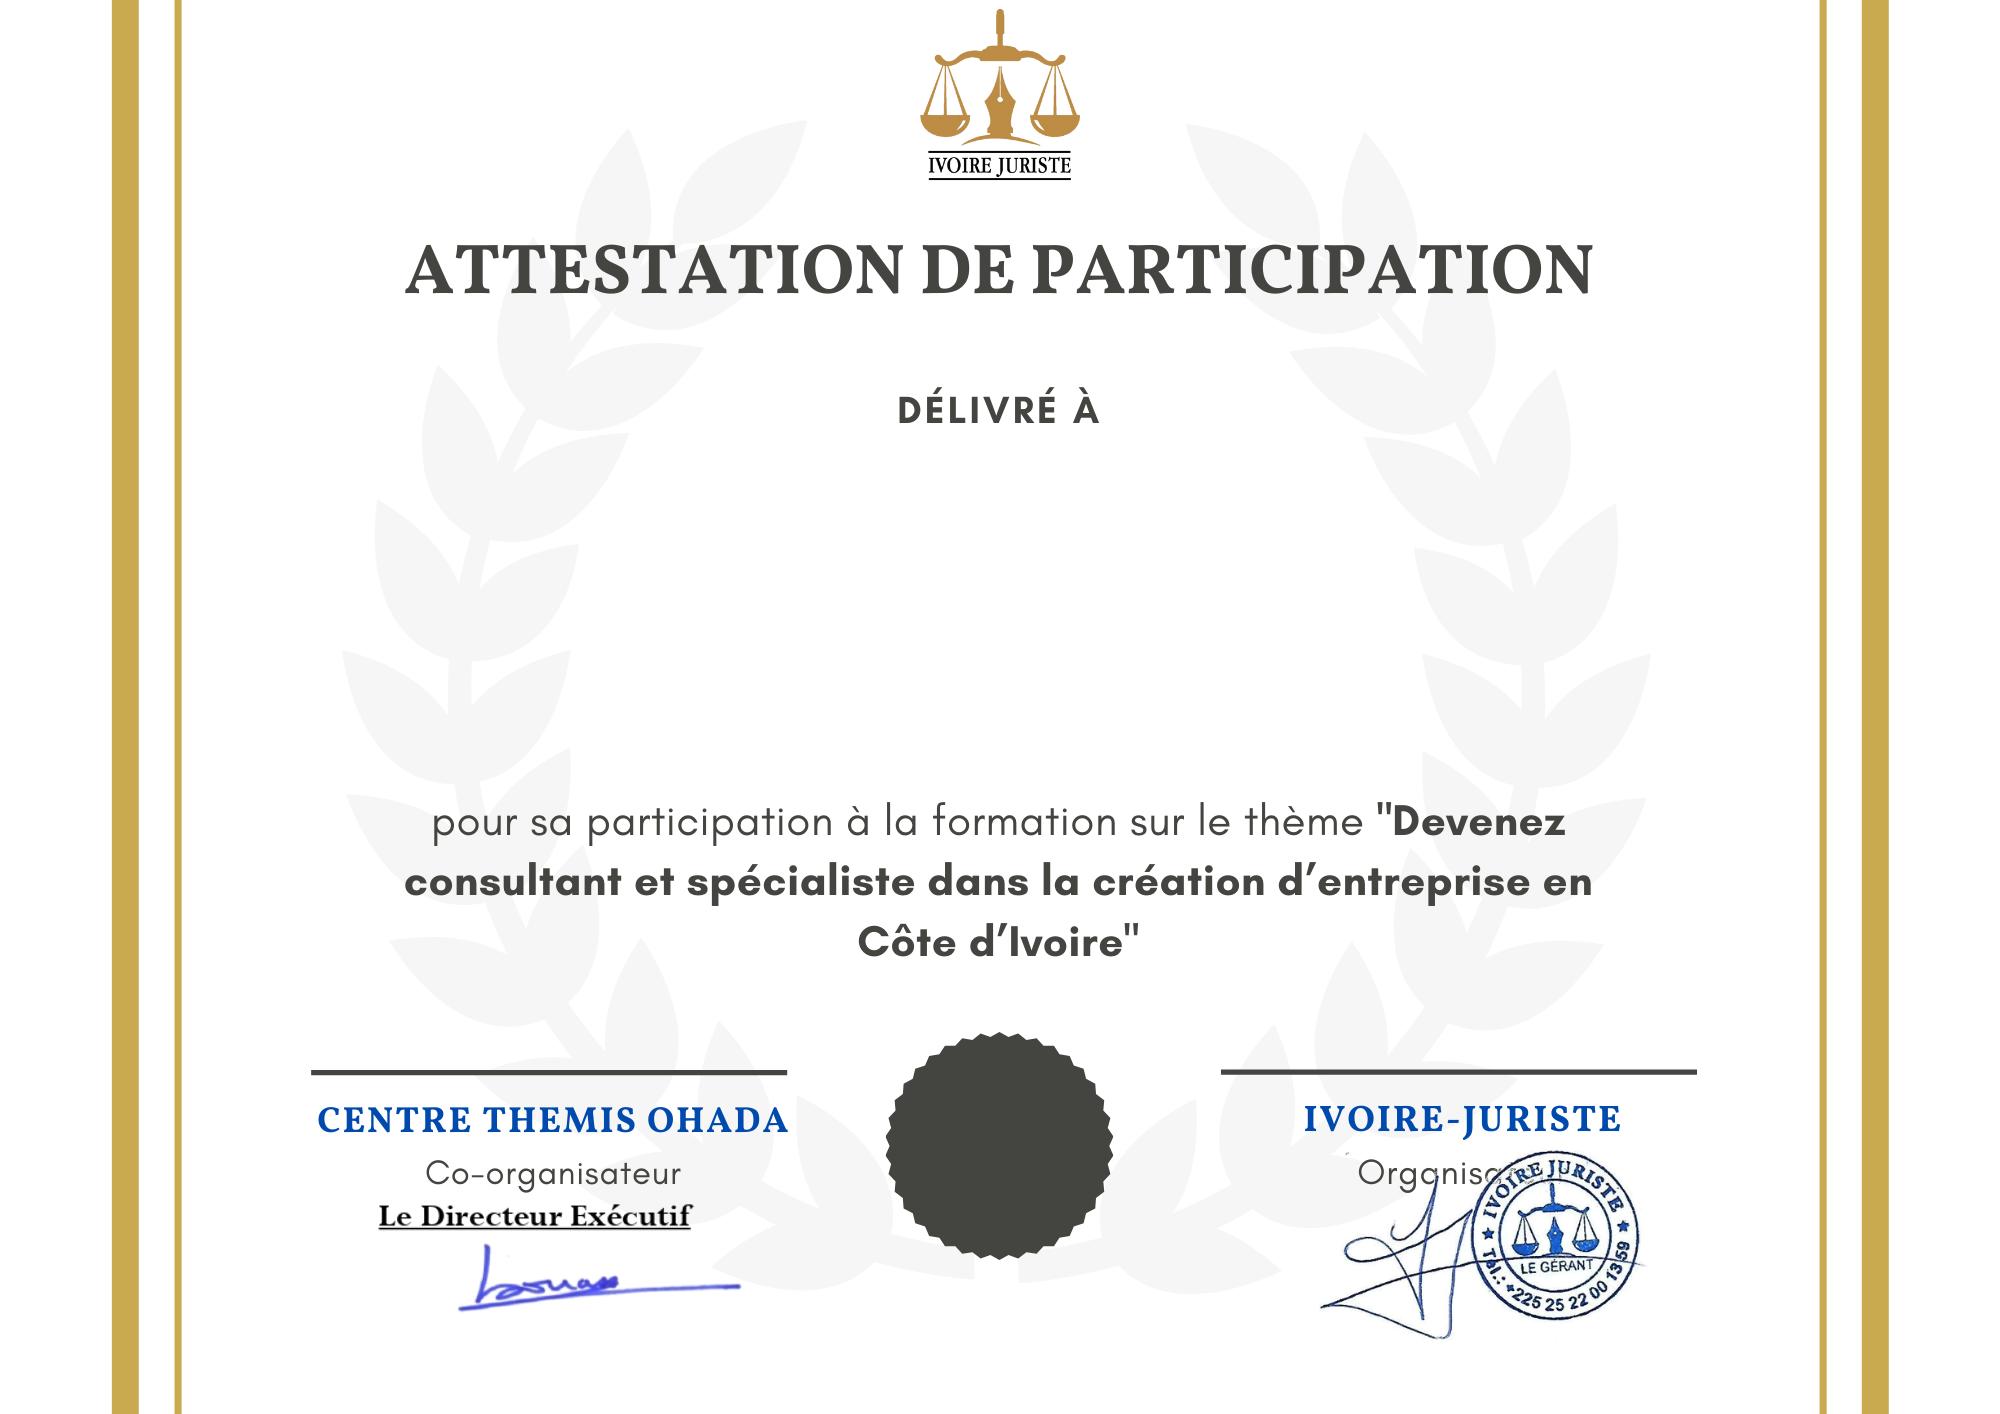 Attestation de participation-Devenez consultant et spécialiste dans la création d'entreprise en Côte d'Ivoire